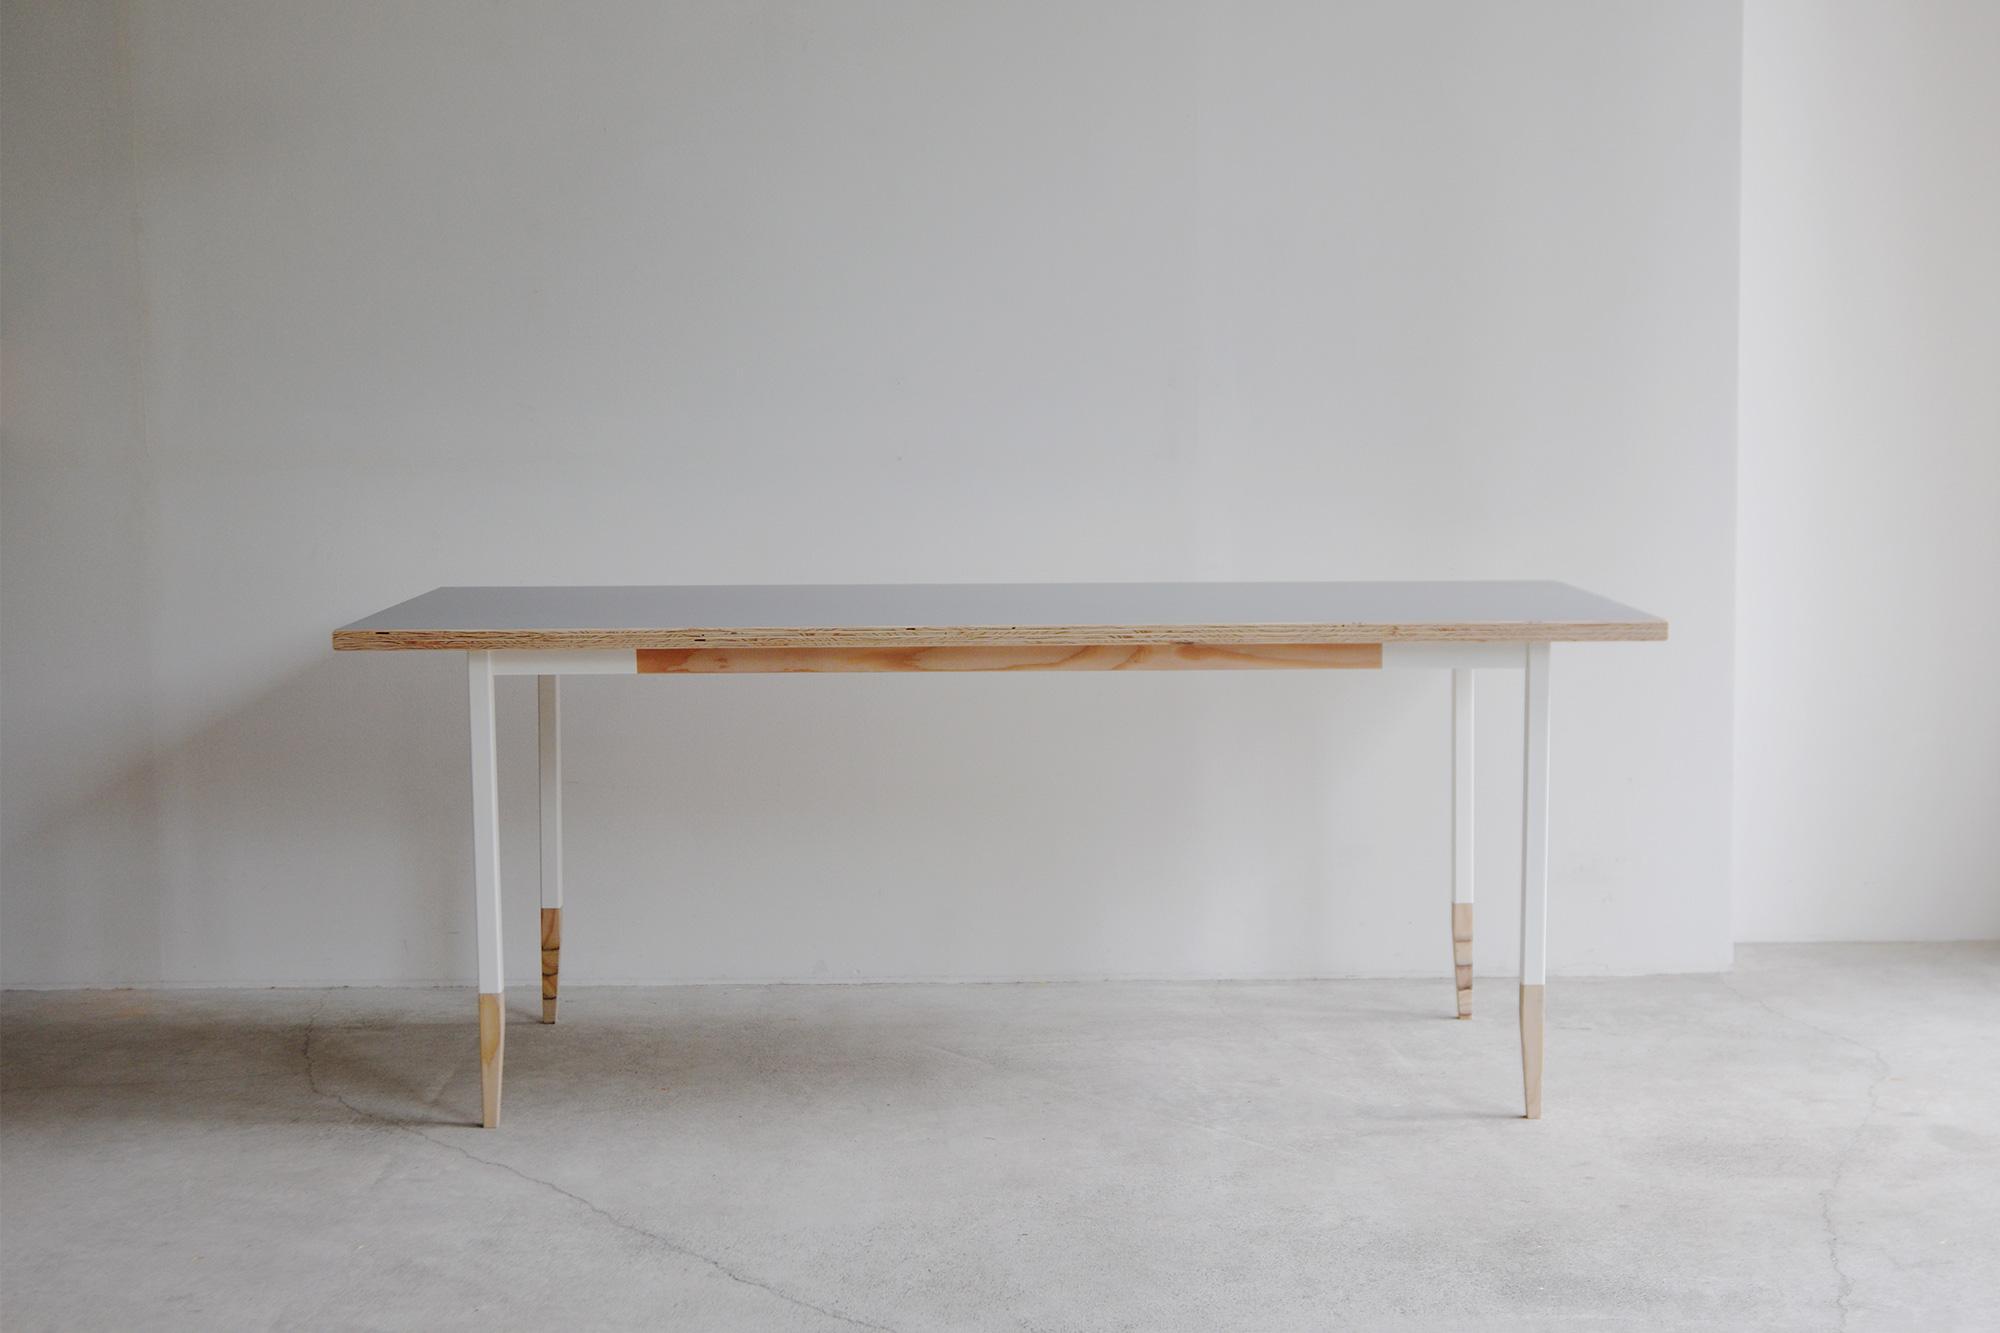 オルタナティブテーブル ラーチ合板+メラミン化粧合板貼り天板